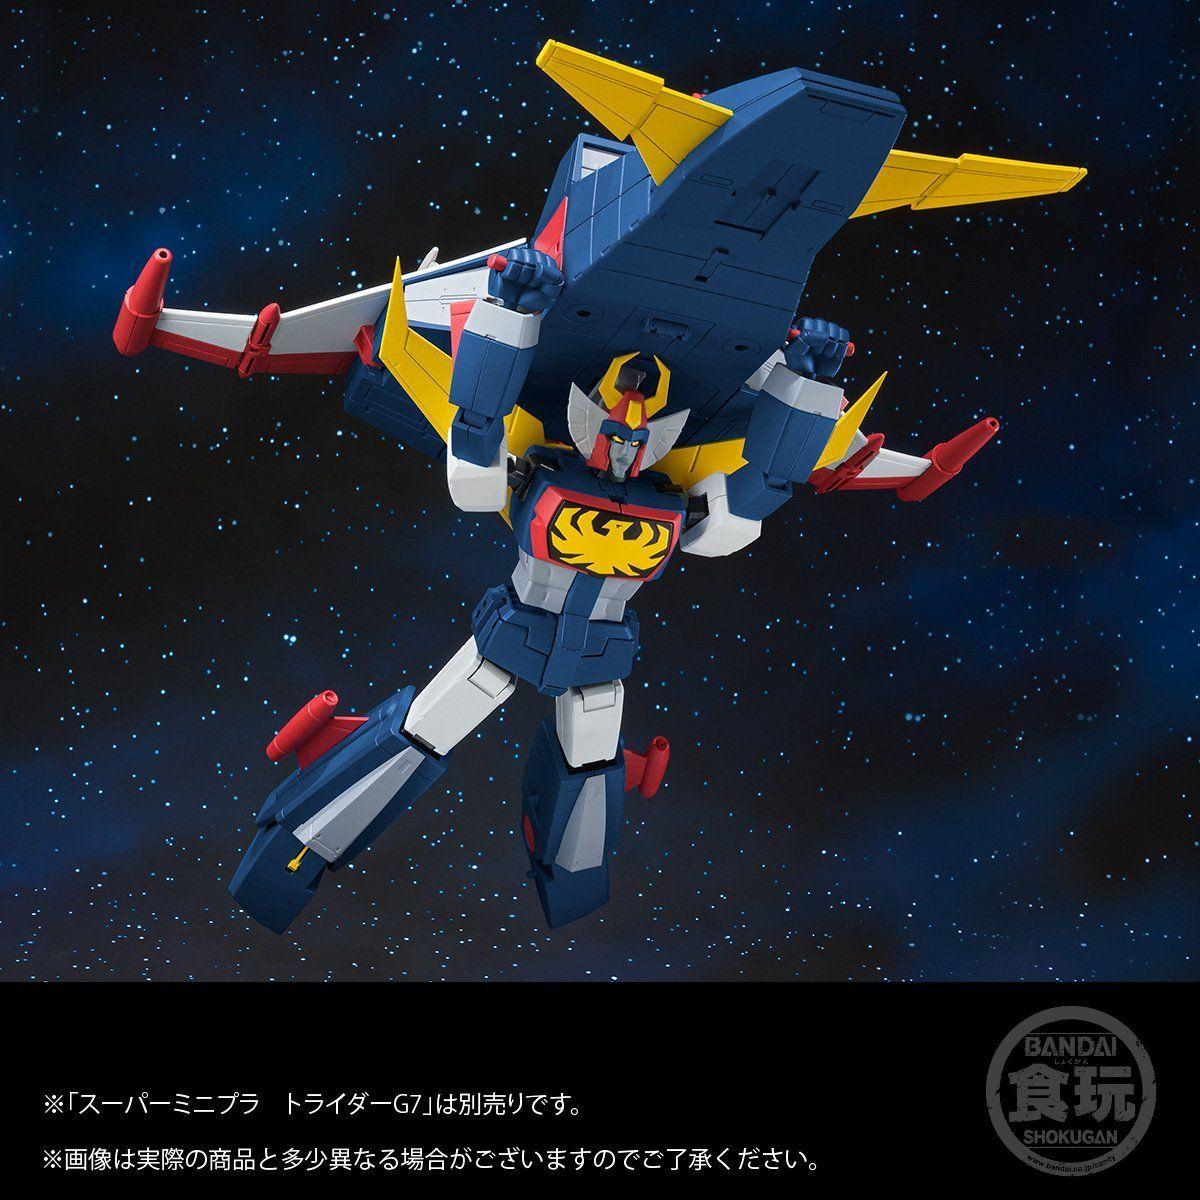 【食玩】スーパーミニプラ『無敵ロボ トライダーG7』3個入りBOX-020